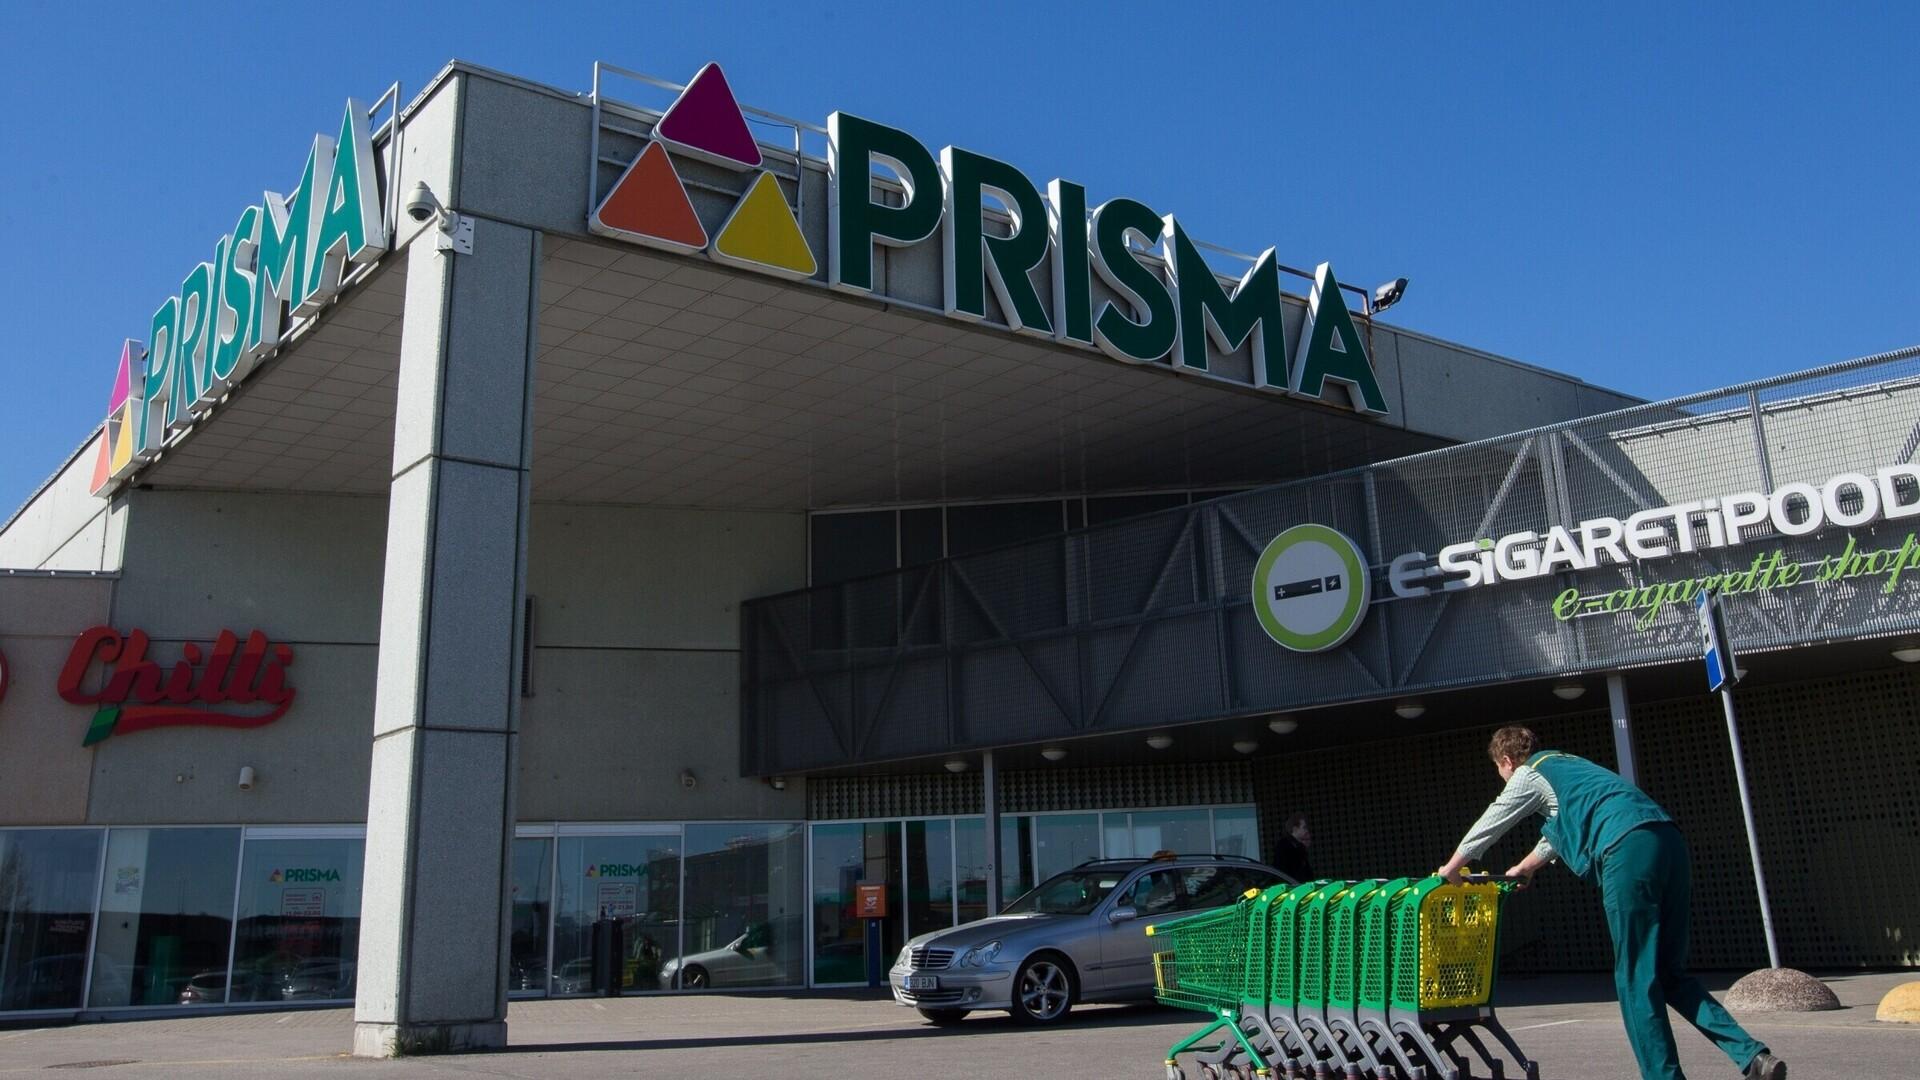 d6b09e8115a Prisma konkurendid ööpäevaringselt avatud kaupluseid ei plaani | Majandus |  ERR